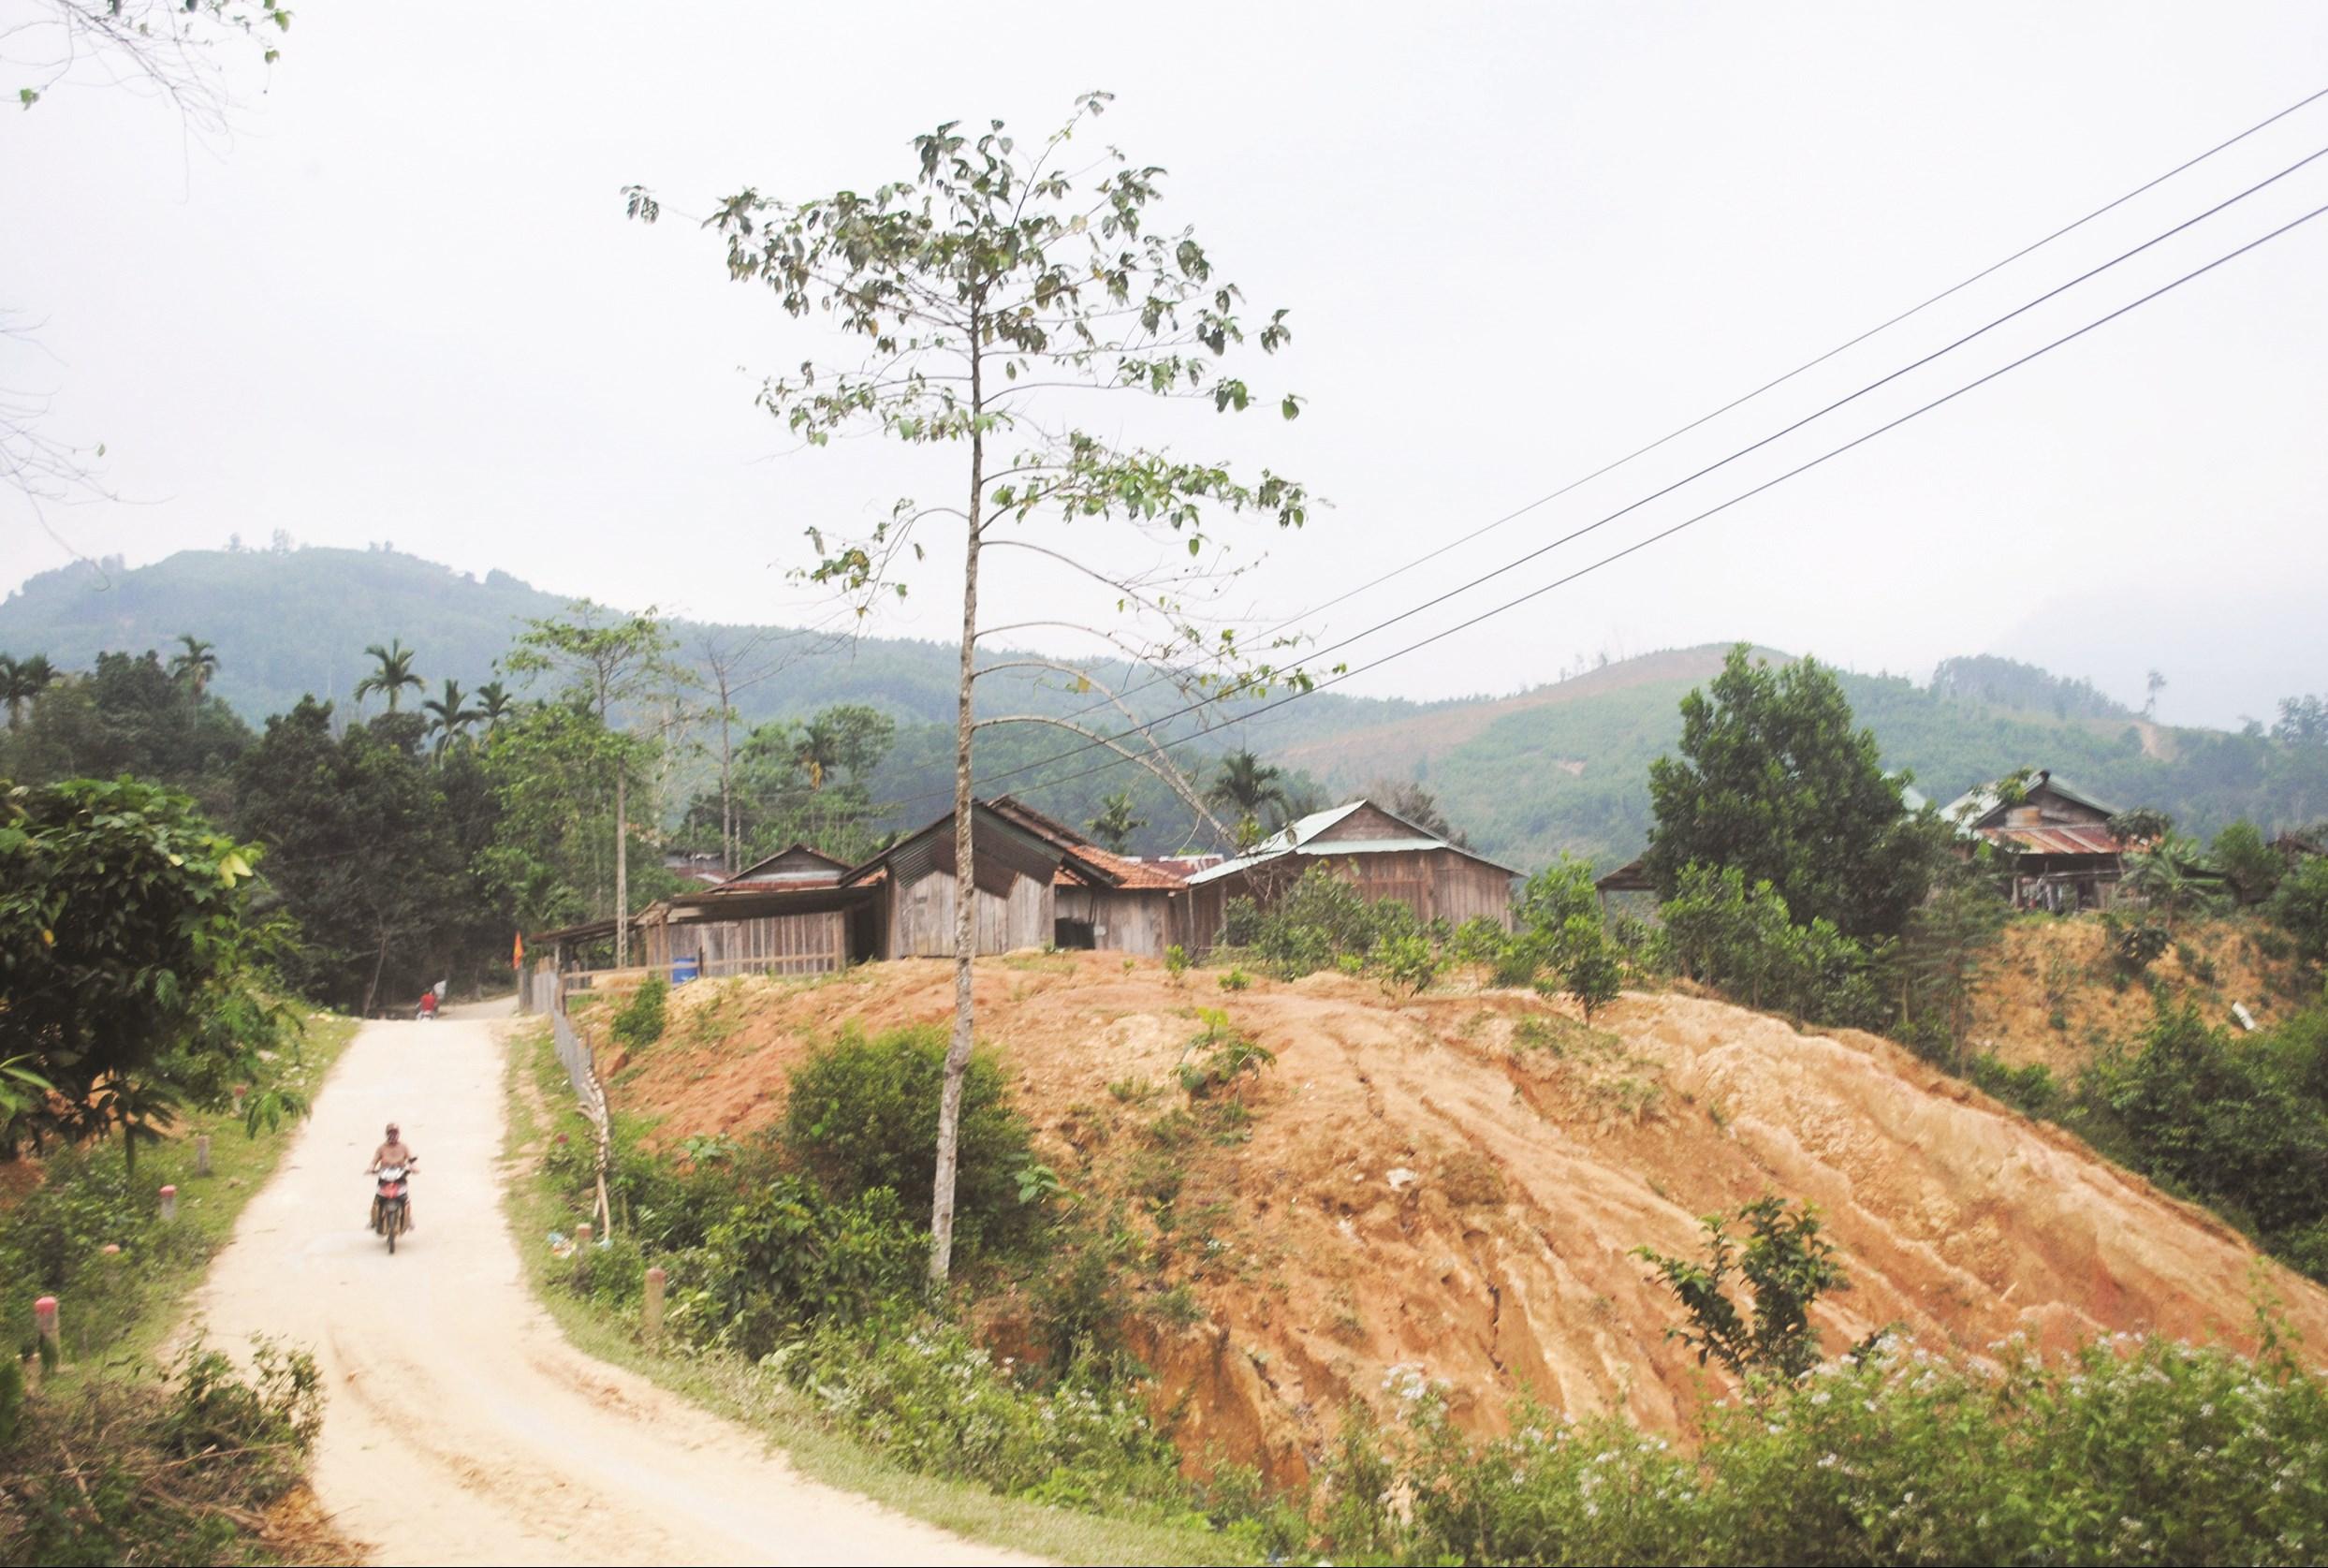 Sự đổi thay ở thôn 6, xã Trà Bui hôm nay một phần nhờ vai trò đóng góp của Người có uy tín.